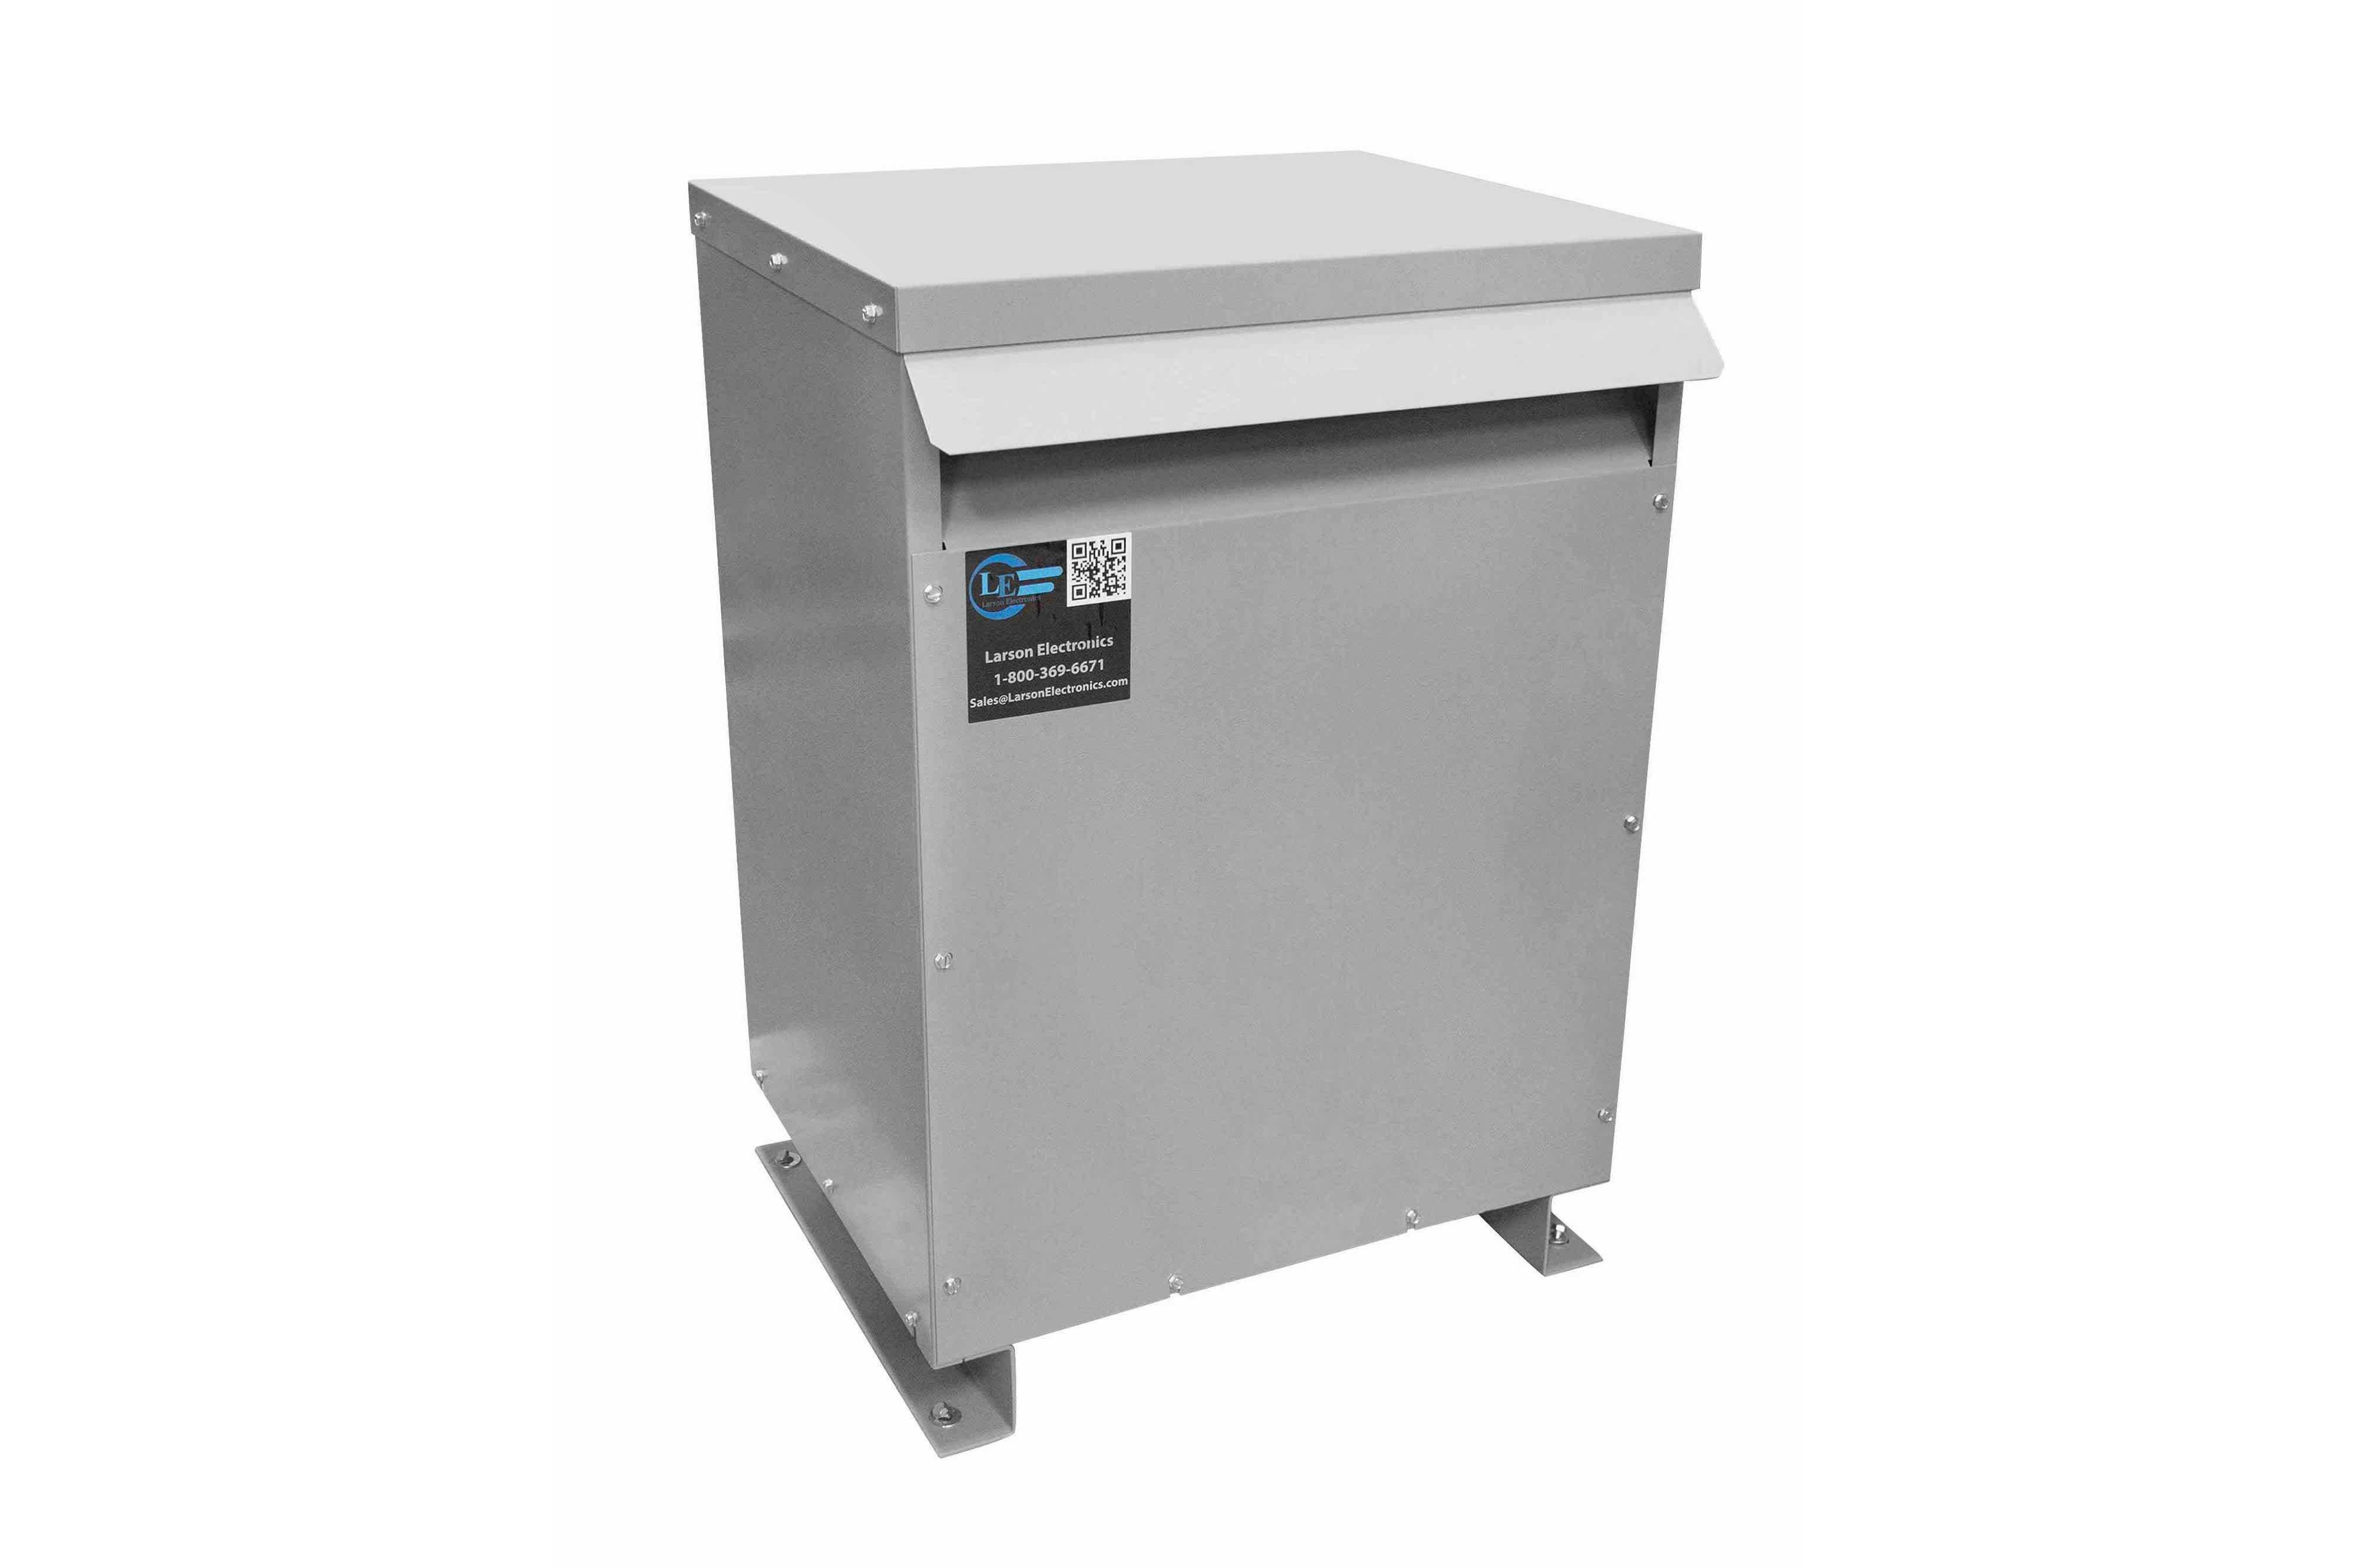 600 kVA 3PH Isolation Transformer, 600V Delta Primary, 240 Delta Secondary, N3R, Ventilated, 60 Hz